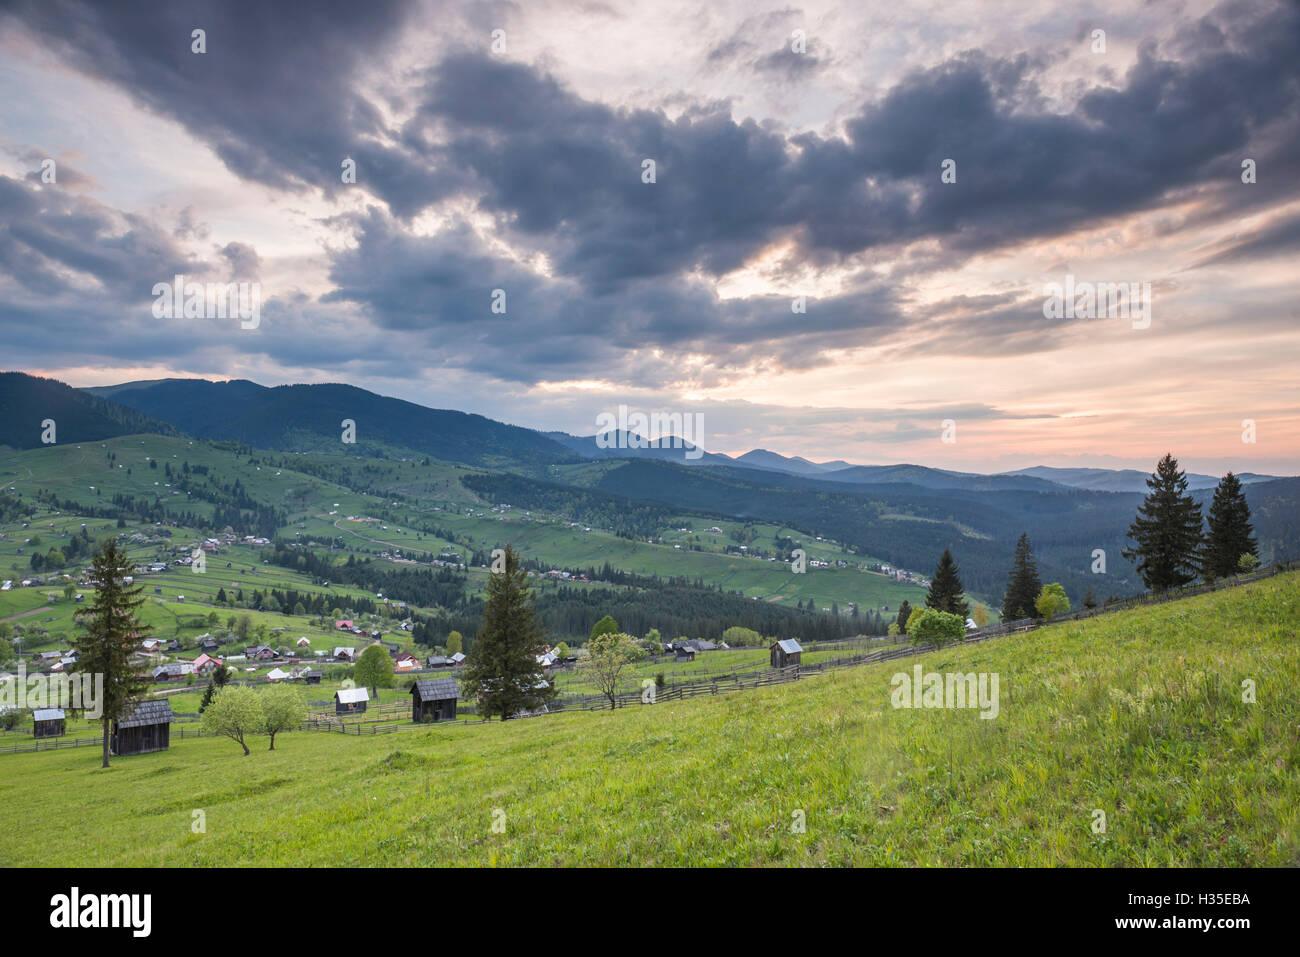 Bukovina Region (Bucovina) landscape at sunset, Paltinu, Romania - Stock Image